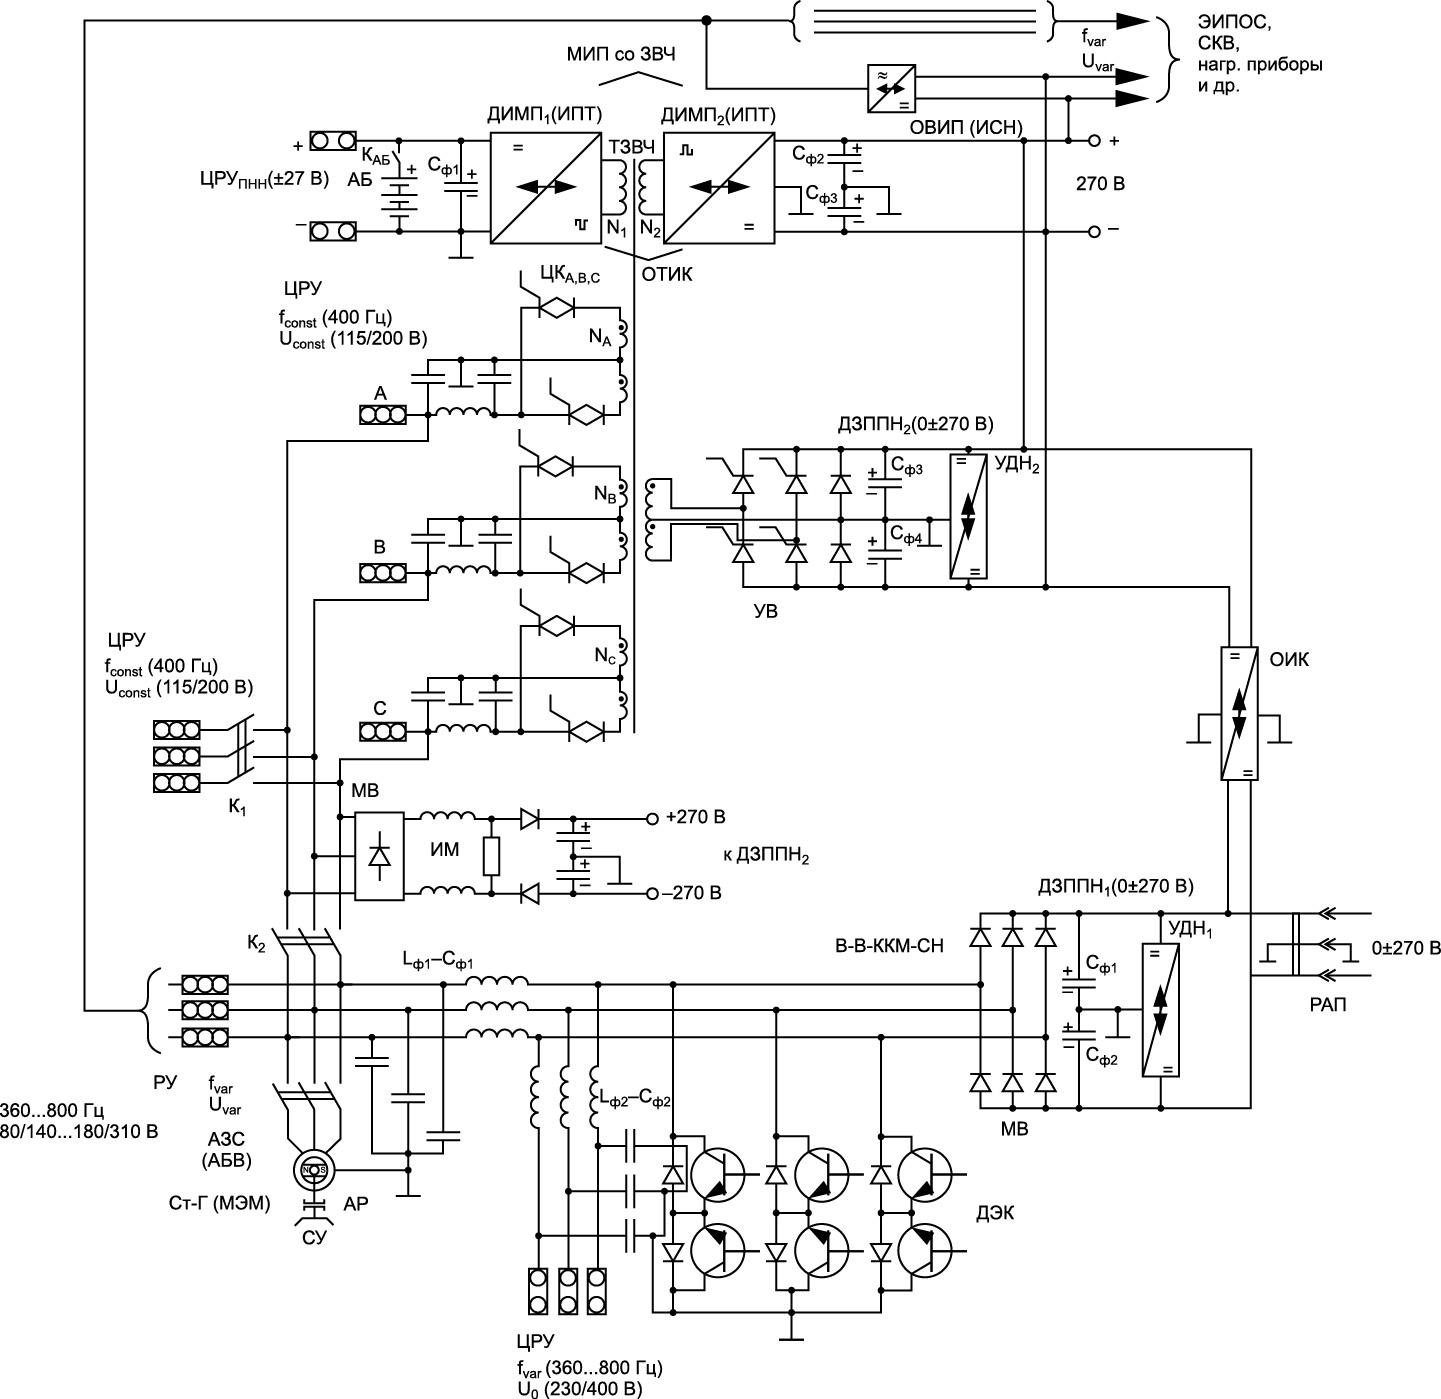 Структура и силовая схема магистрального канала авиабортового ЭЭК